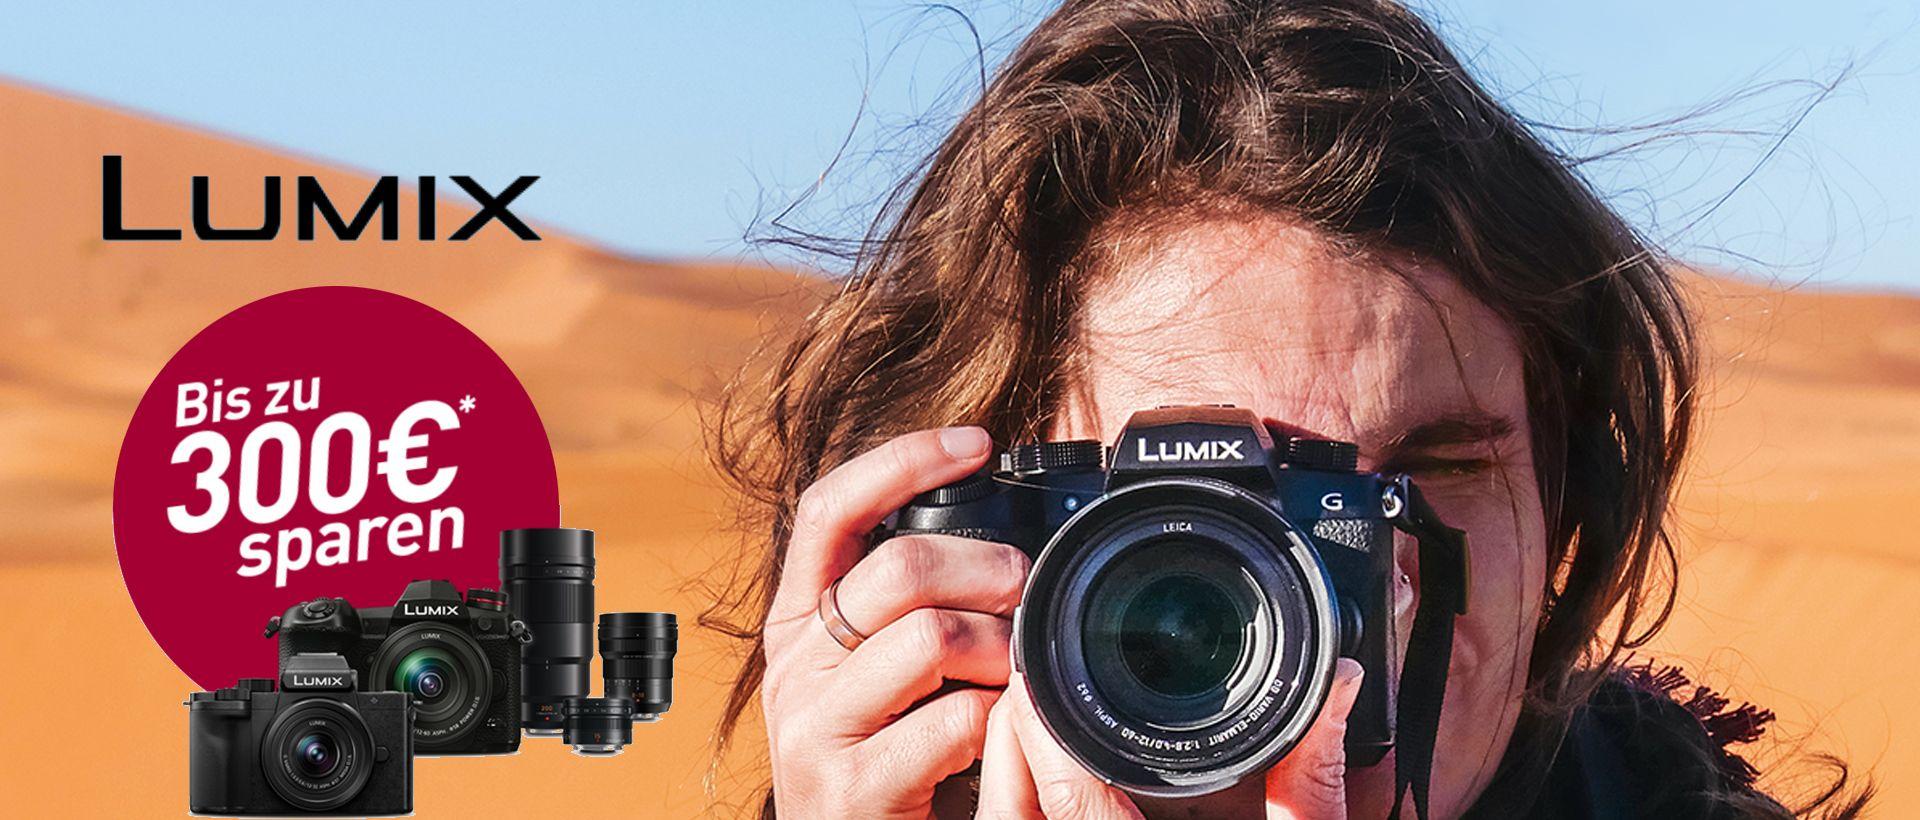 Panasonic Lumix Sofortrabatt